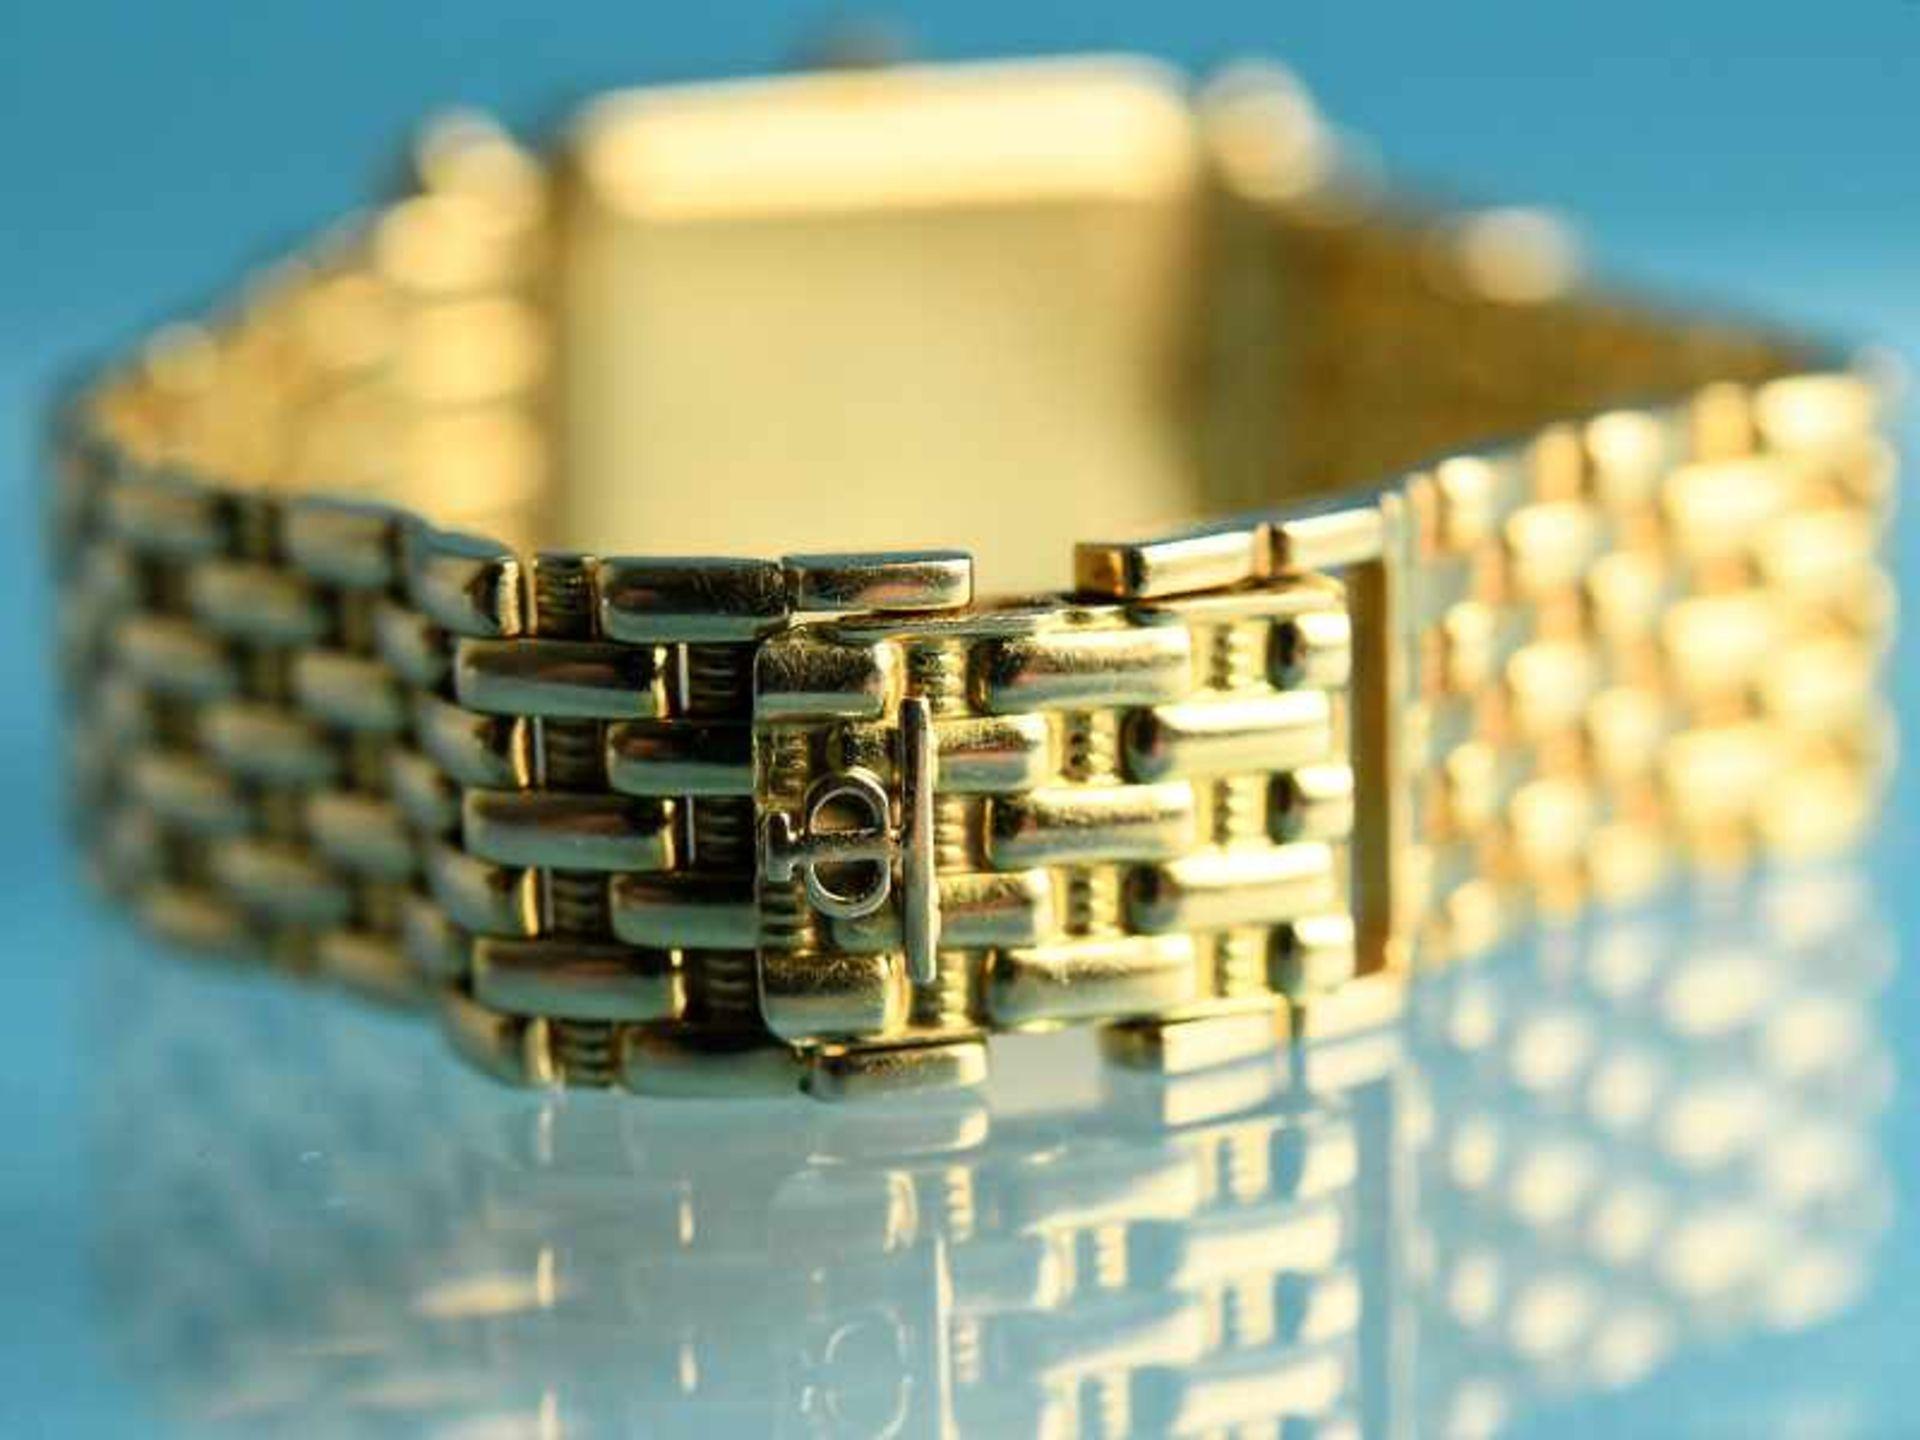 Damenarmbanduhr mit Brillanten, zusammen ca. 0,5 ct, bezeichnet Baume & Mercier, Geneve, 20. Jh. - Bild 7 aus 7